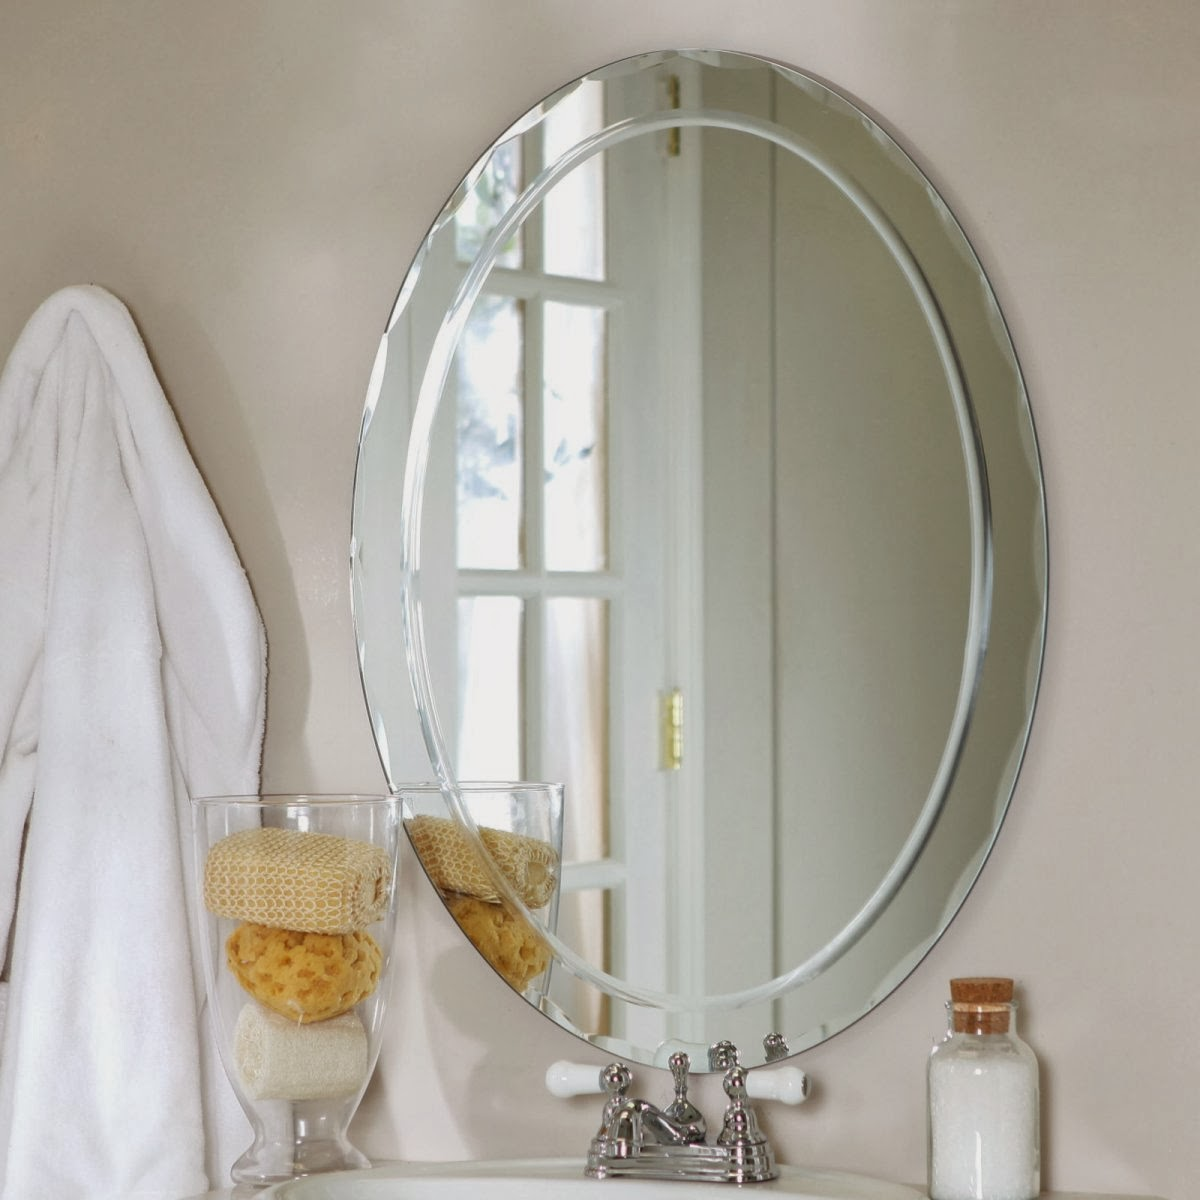 Bathroom Wall Mirrors  Bedroom and Bathroom Ideas